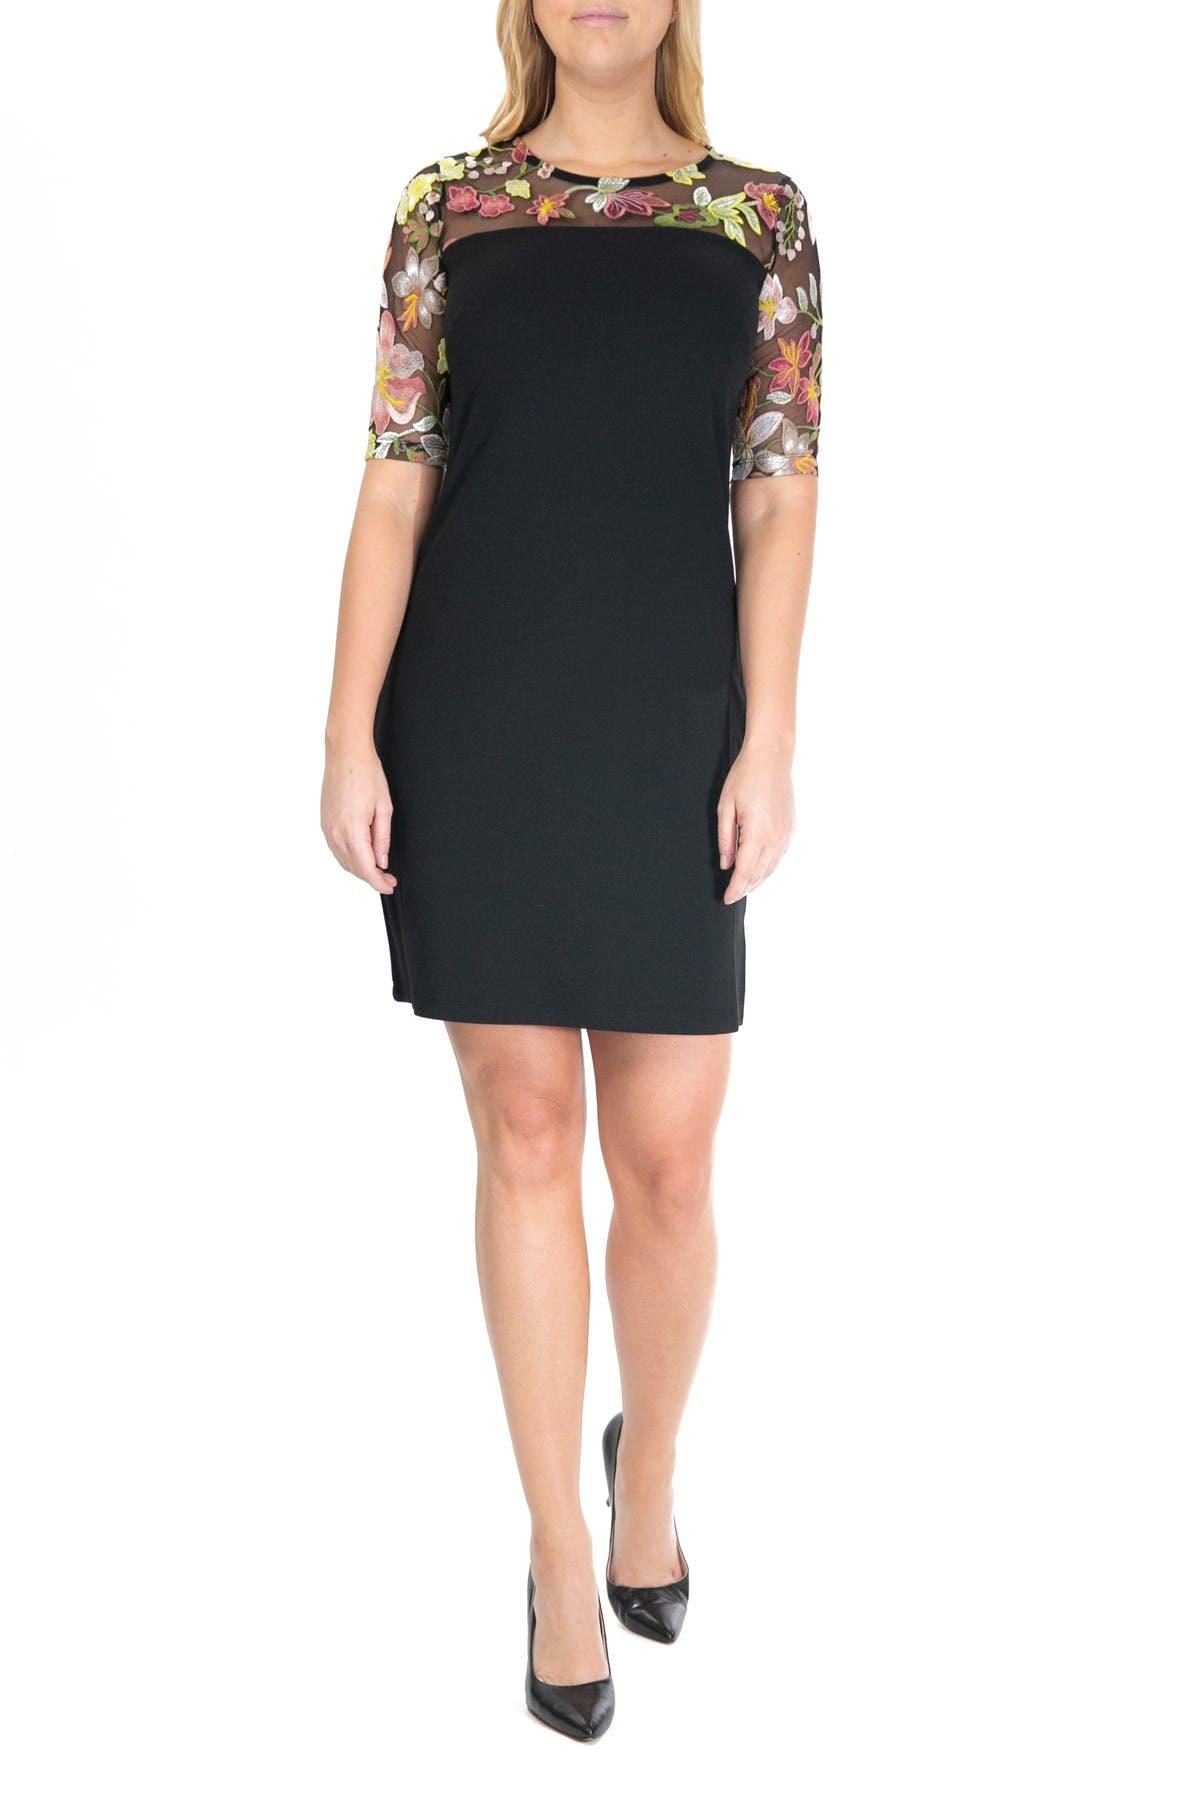 Image of Nina Leonard Embroidered Lace Yoke Dress